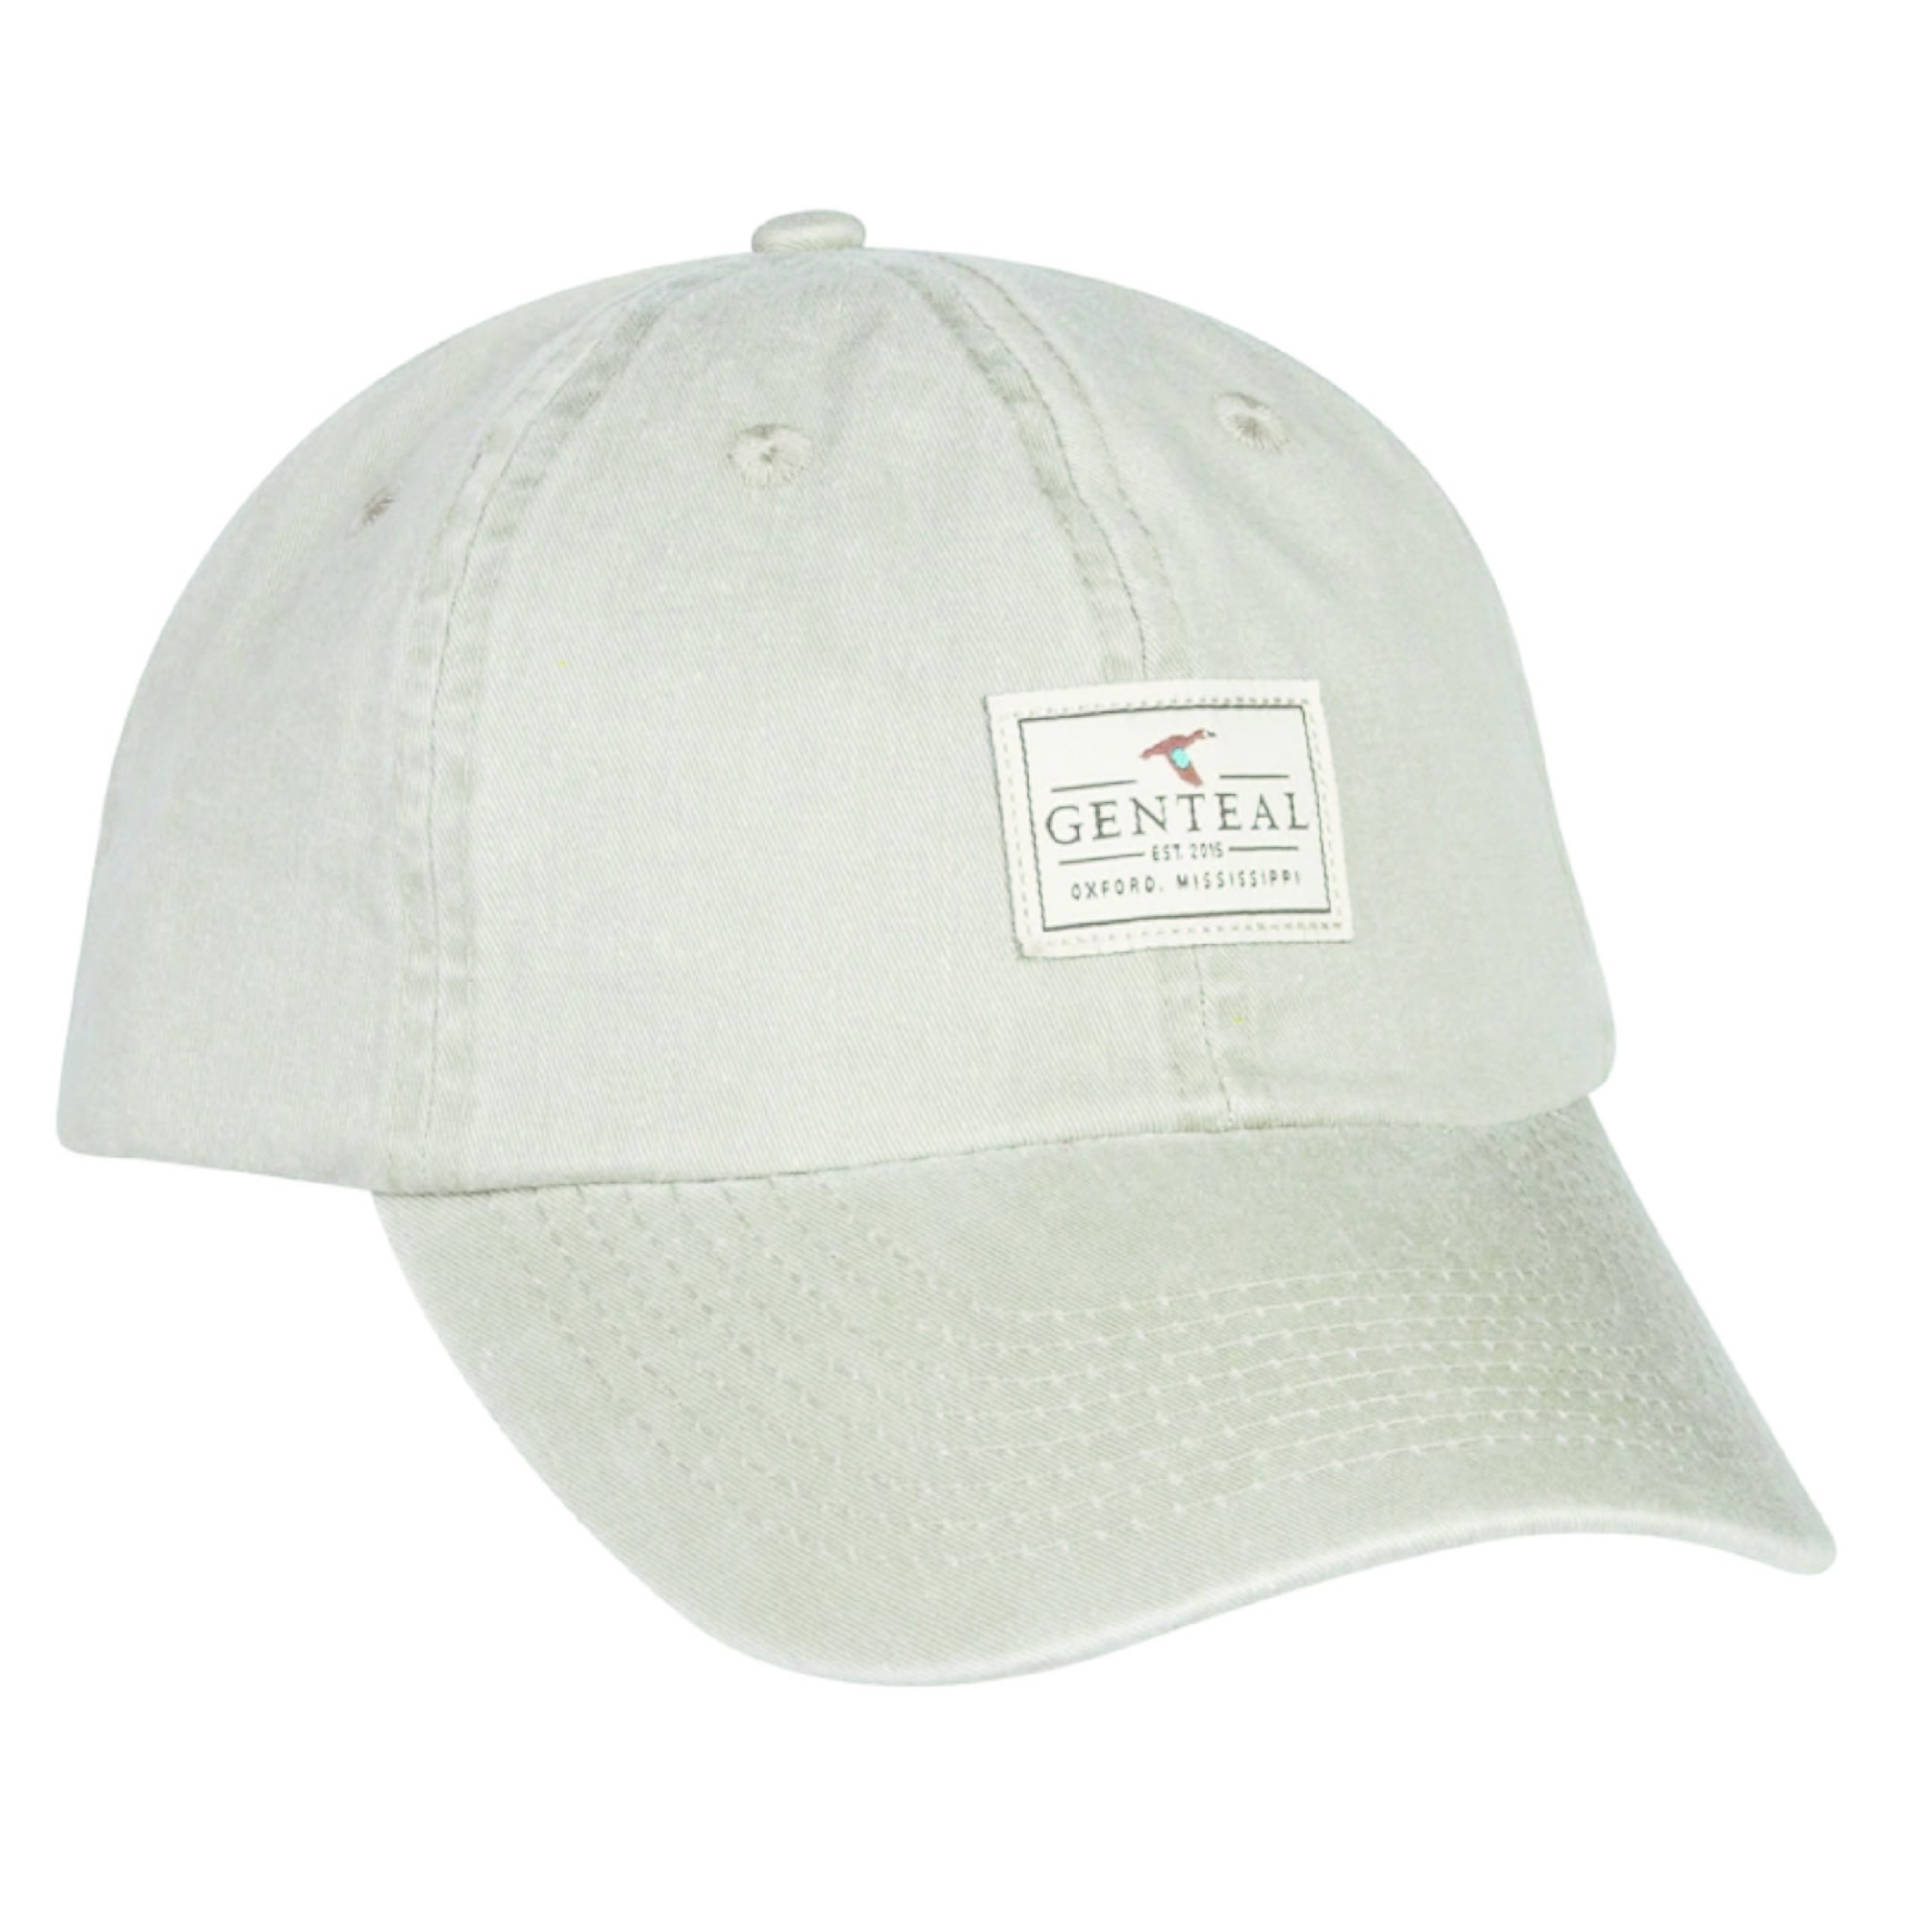 GenTeal GenTeal Patch Hat